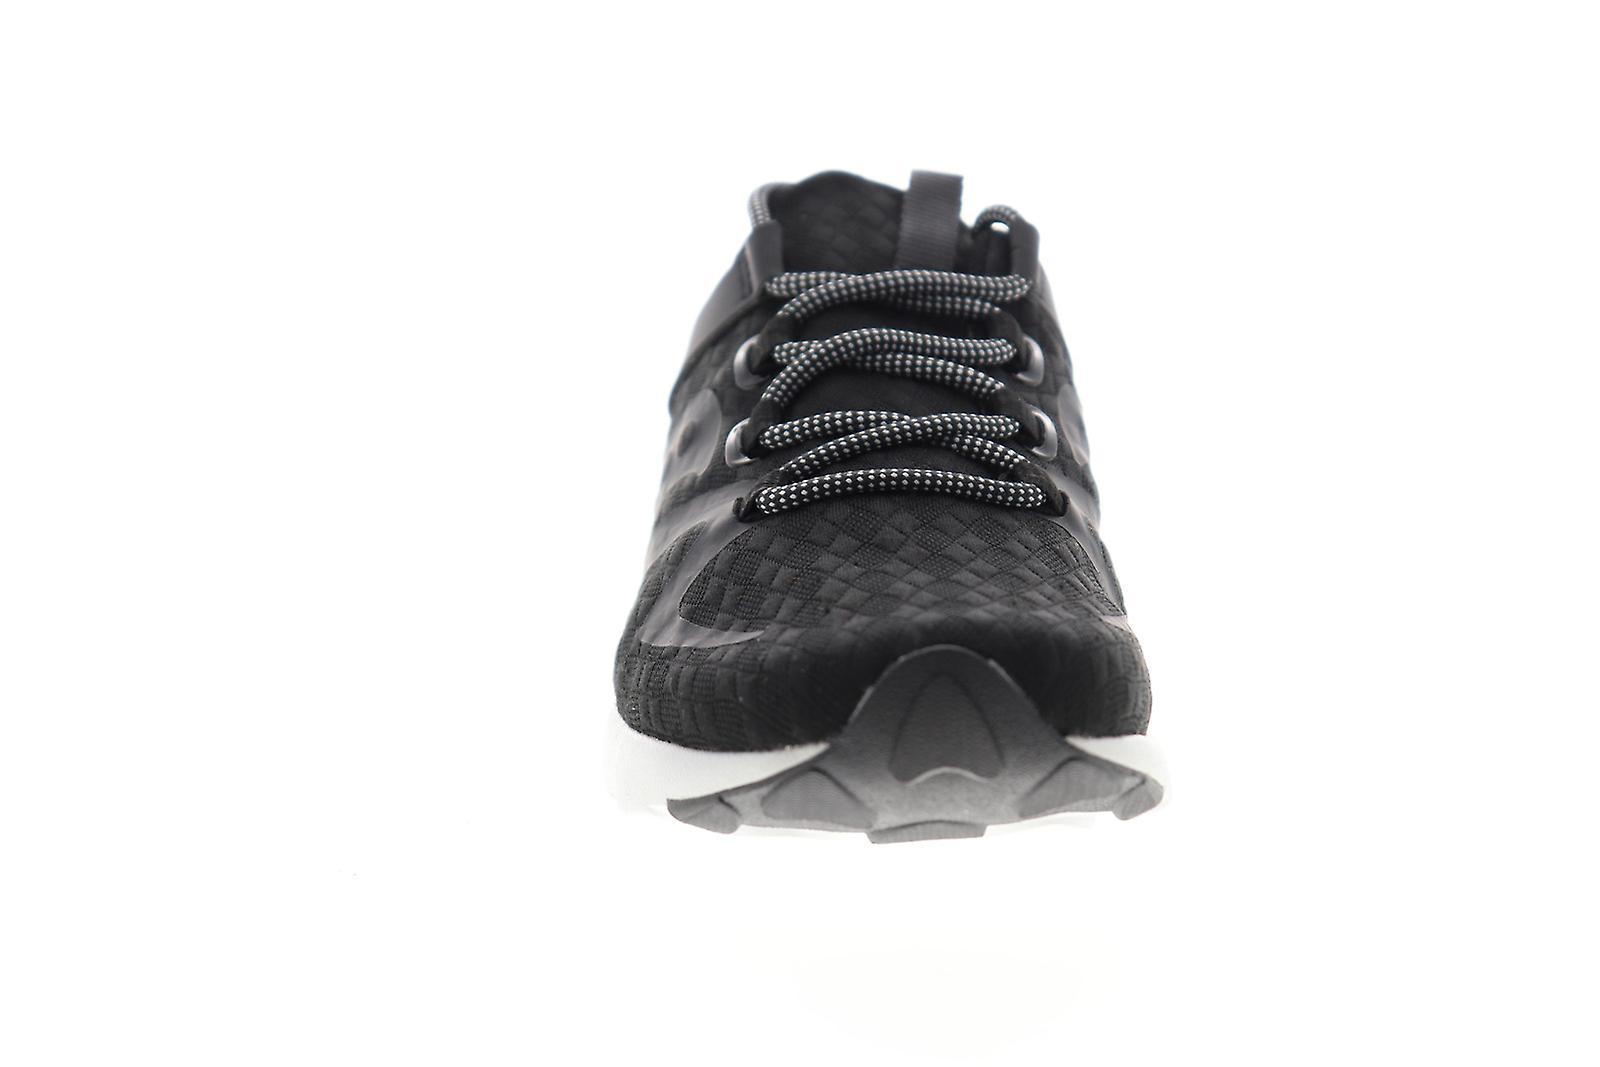 Saucony Grid 9000 Mod Mens Black Canvas Lace Up Athletic Running Shoes - Remise particulière